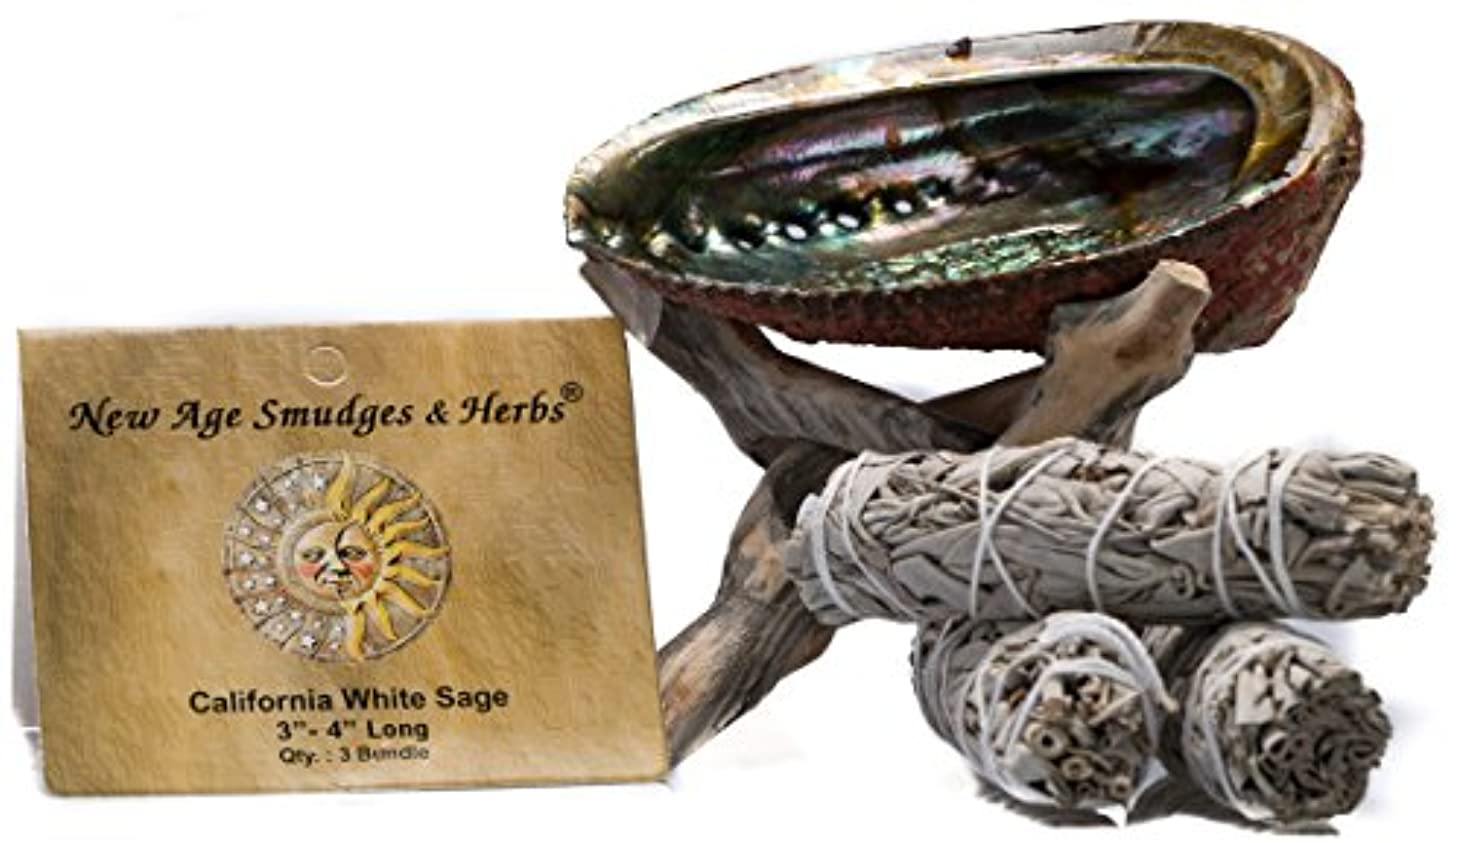 入力去るディンカルビルスマッジングキット - カリフォルニアホワイトセージ スマッジワンド 3本 (サルビア?アピアナ) 美しい自然の5インチ - 6インチ アバロンシェル 天然木製コブラ三脚スタンド付き - セージスティックの長さは4インチ